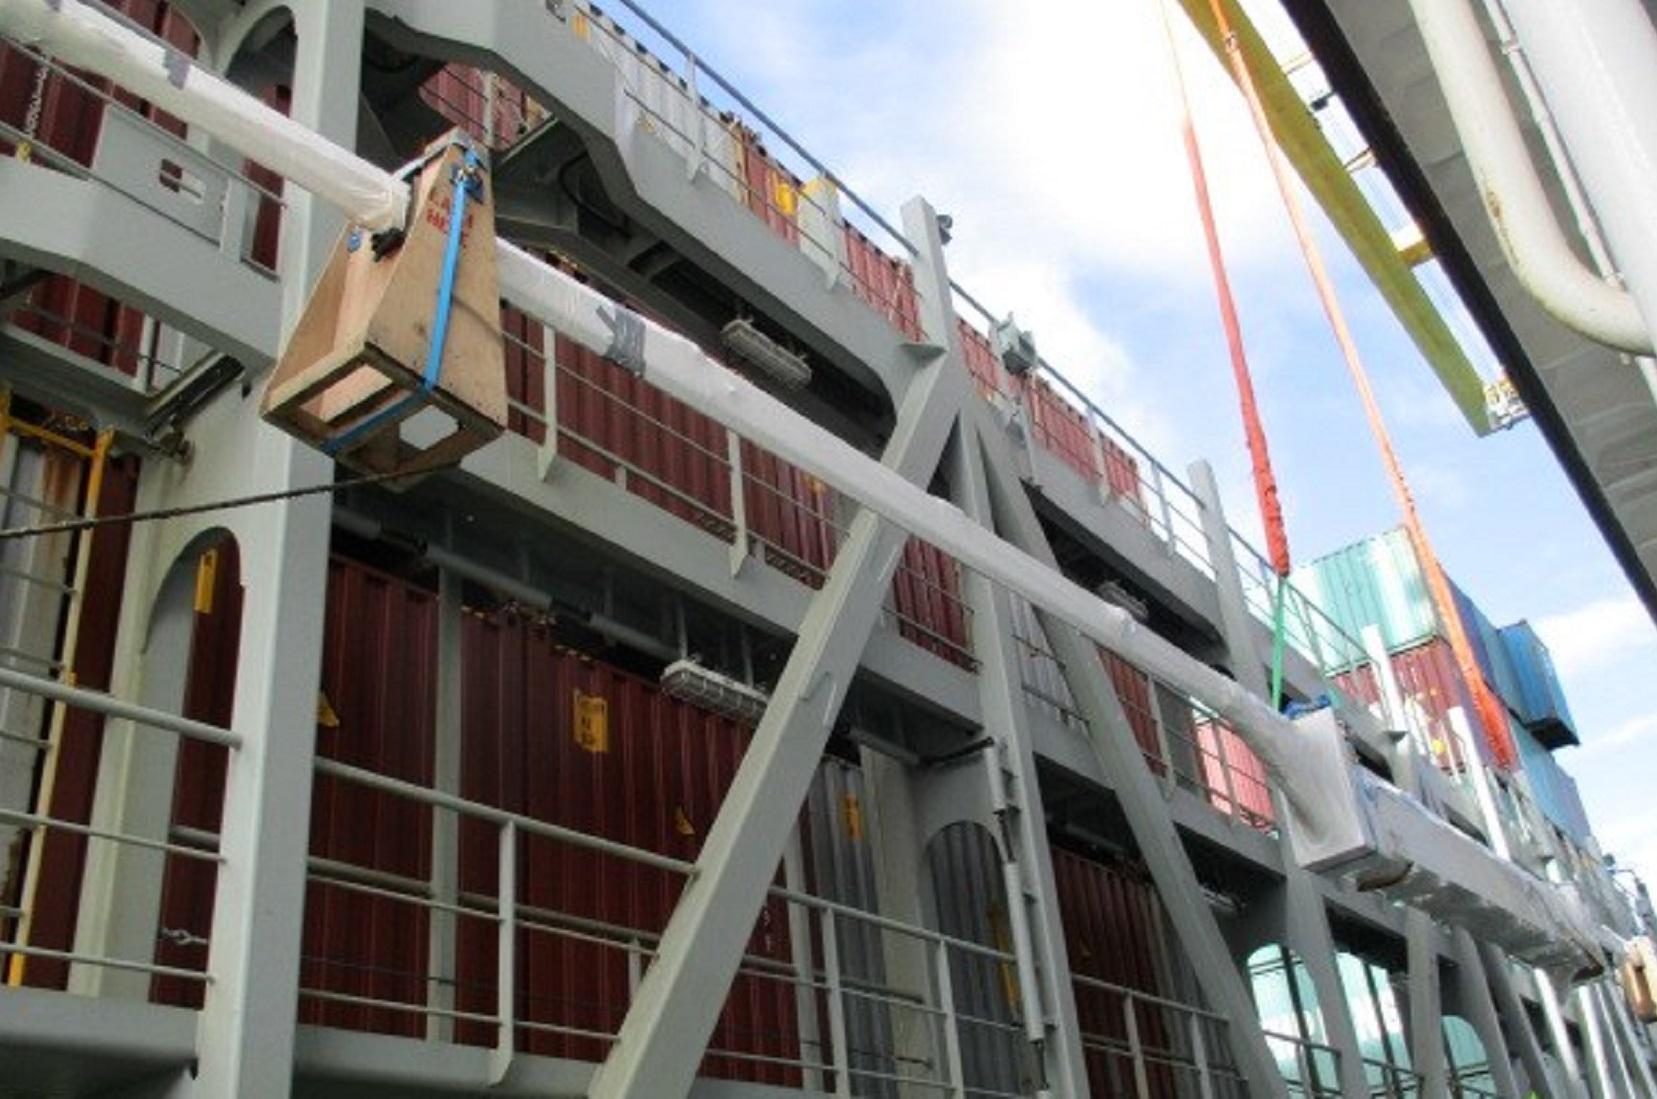 marine-surveyor-valencia-spain-yacht-transport-breakbulk